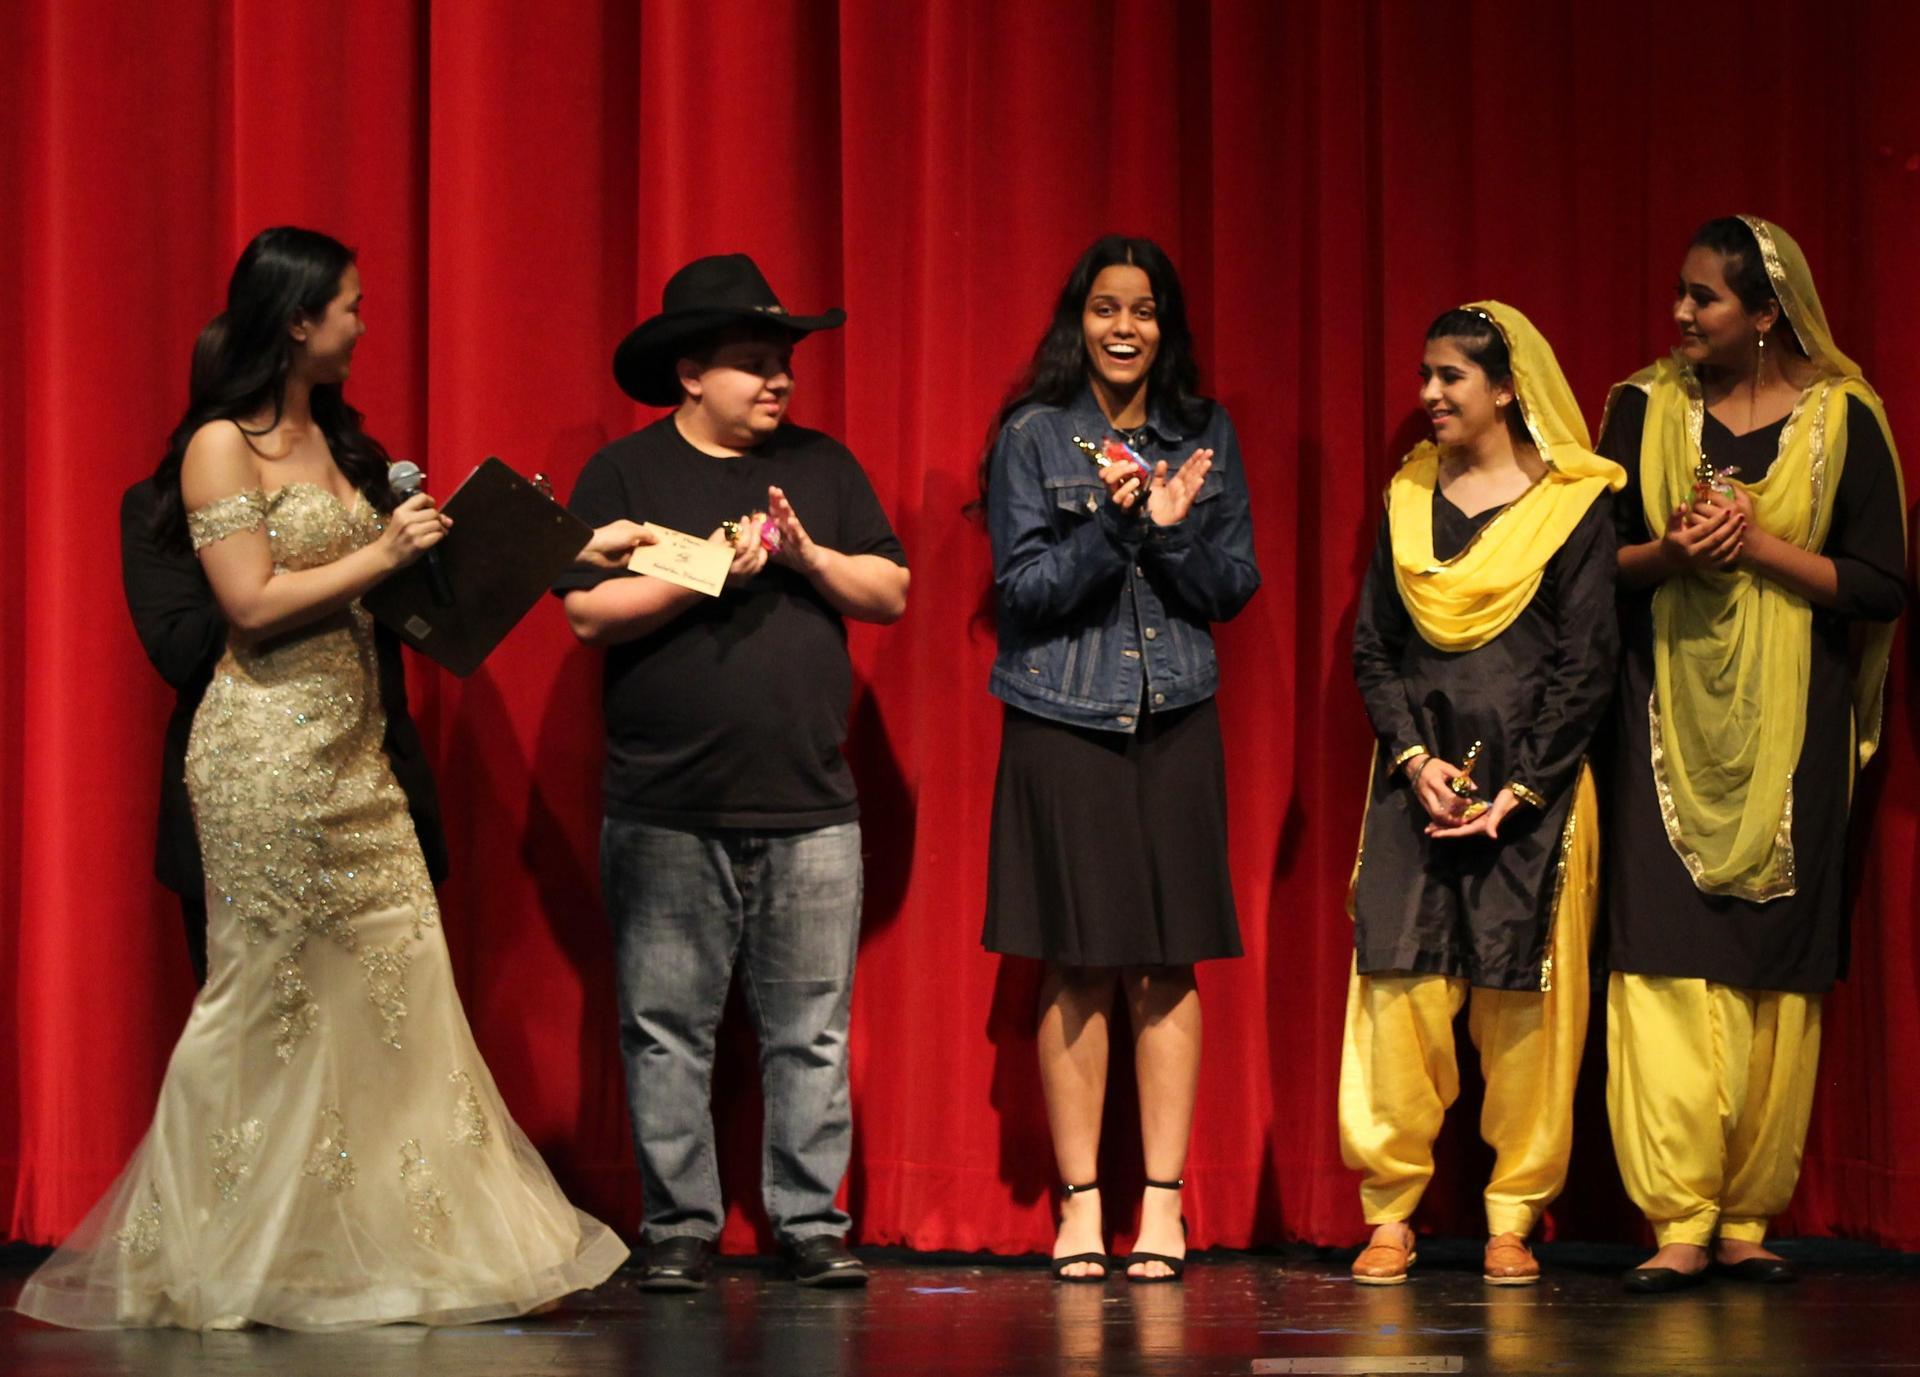 Hahna Song, Jaxon Powell, Natasha Bhardwaj, Stephanie Ponce,and  Sukhpreet Kaur